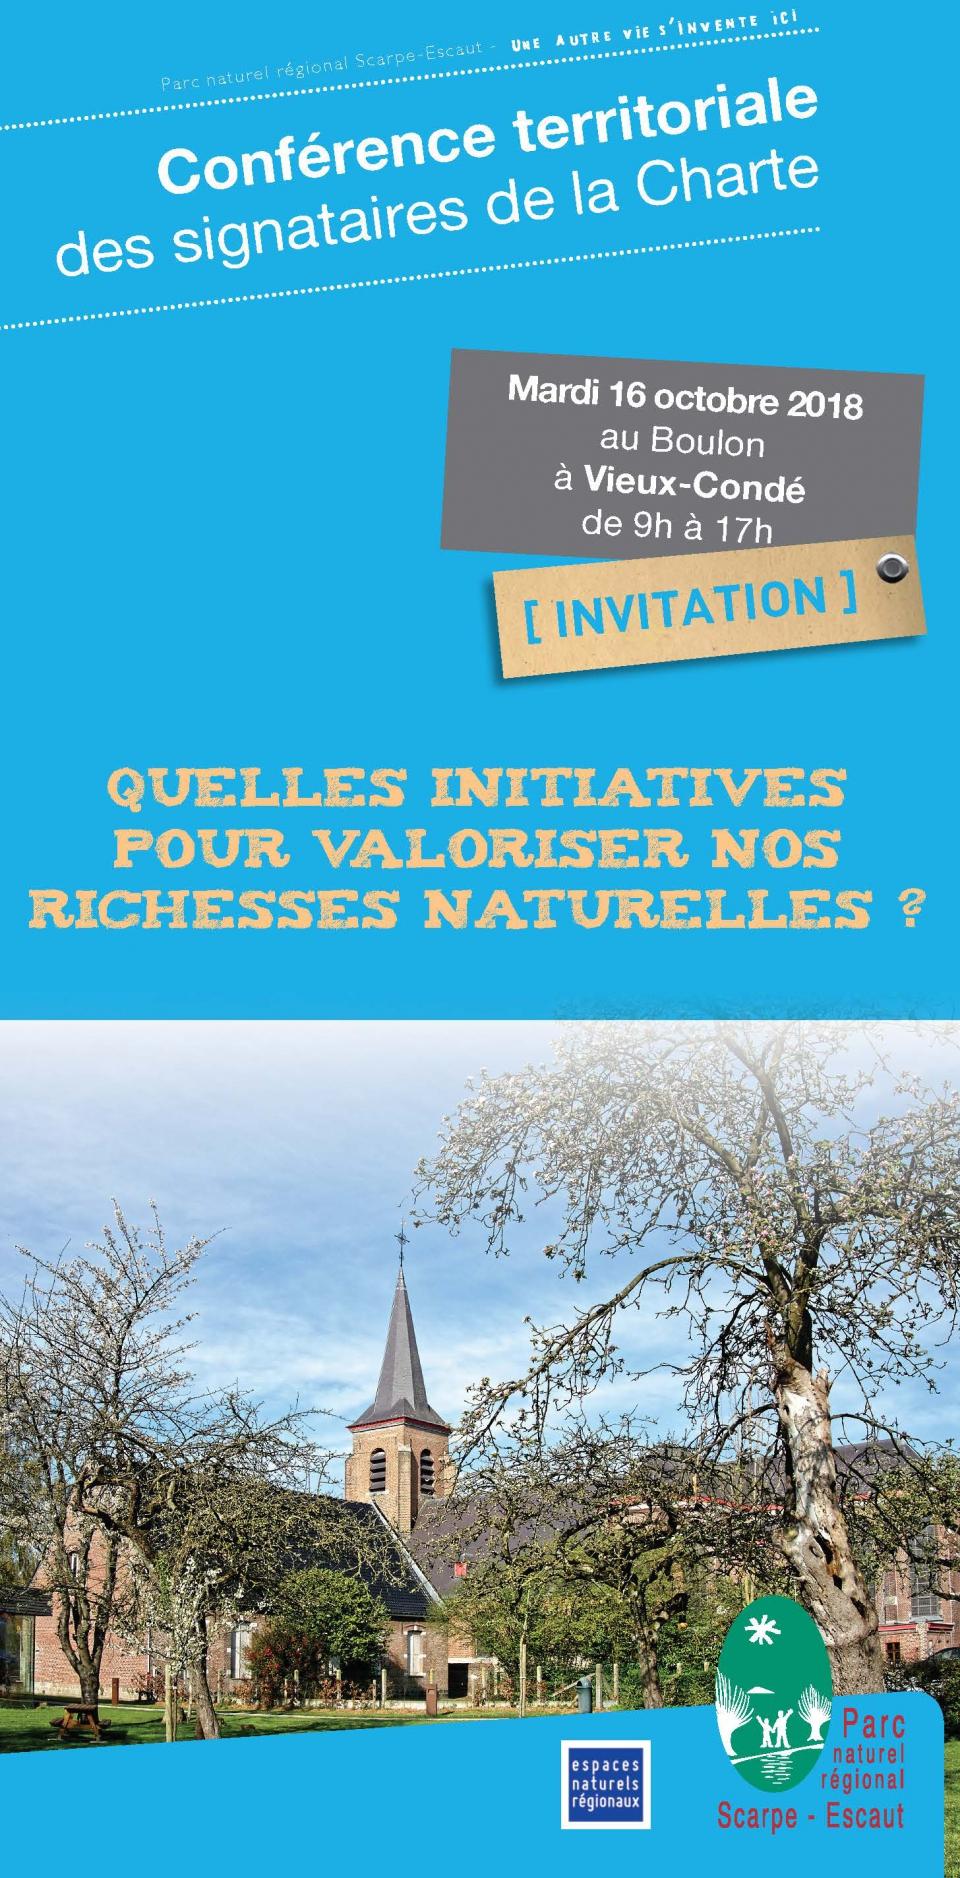 invitation_conf_territoriale_pnrse_page_1.jpg